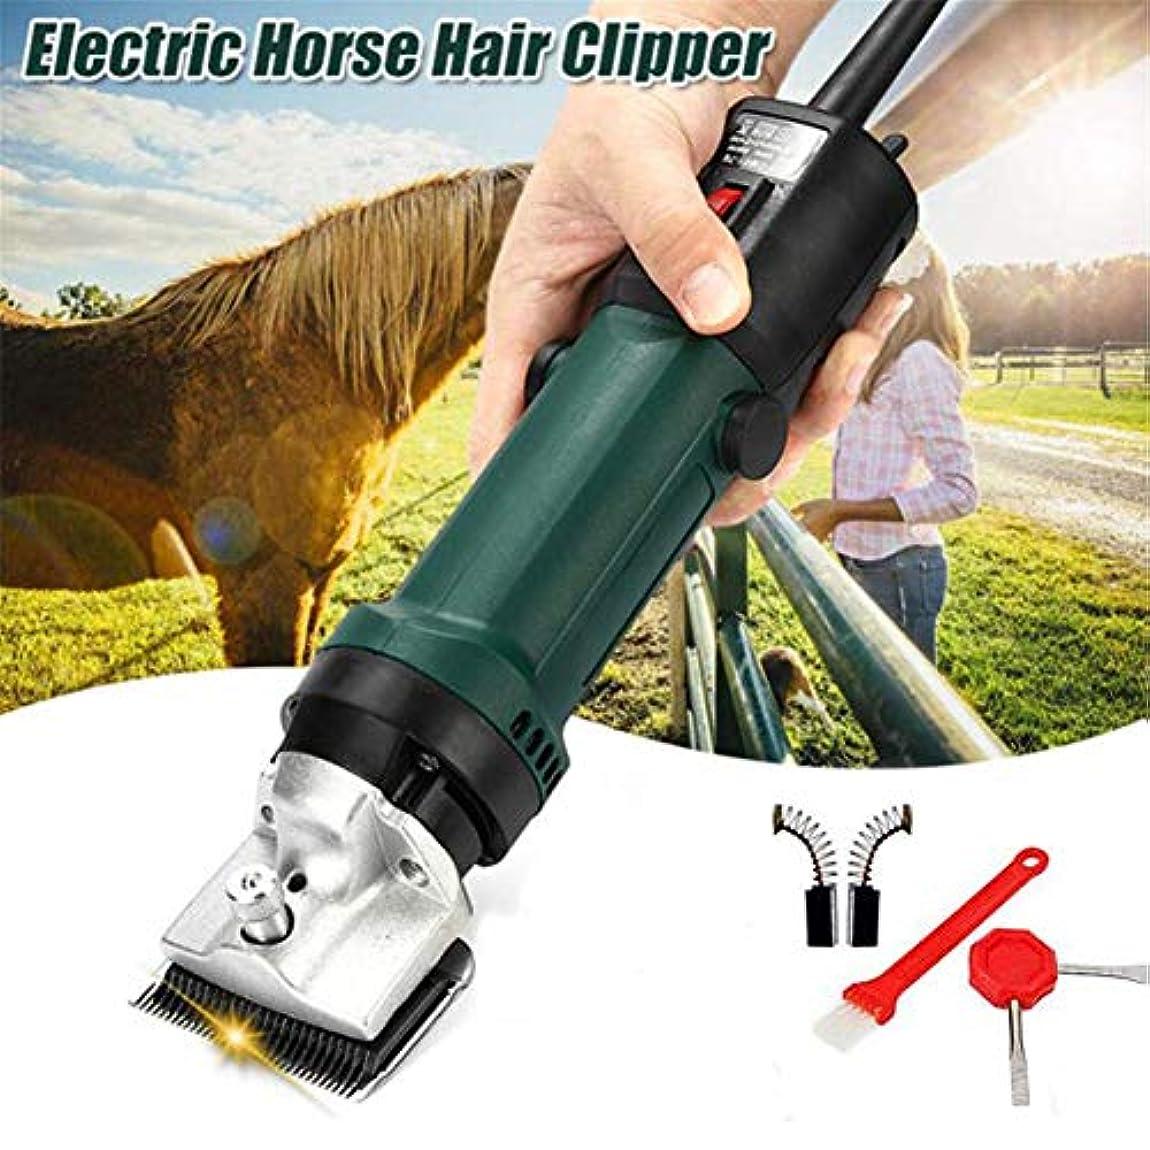 専門の電気動物の馬のラクダ犬のせん断クリッパーペット毛のトリマー320Wの毛のシェーバーのせん断機械240V 2400r / min